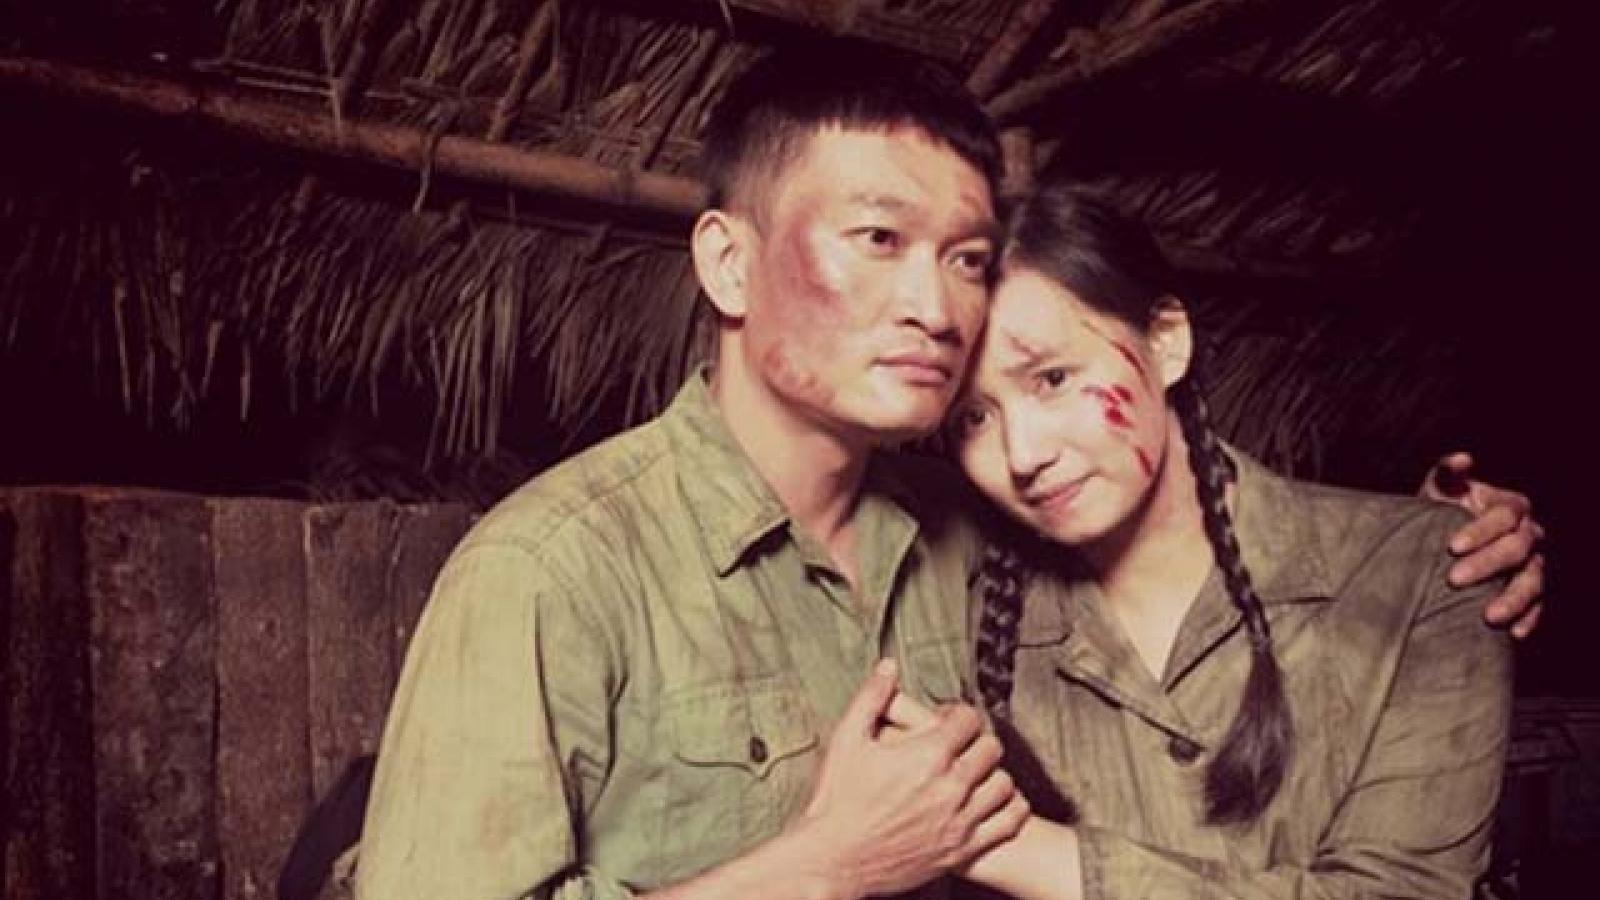 Làm phim về chiến tranh cách mạng cần tài năng, tình yêu và sự tận tâm